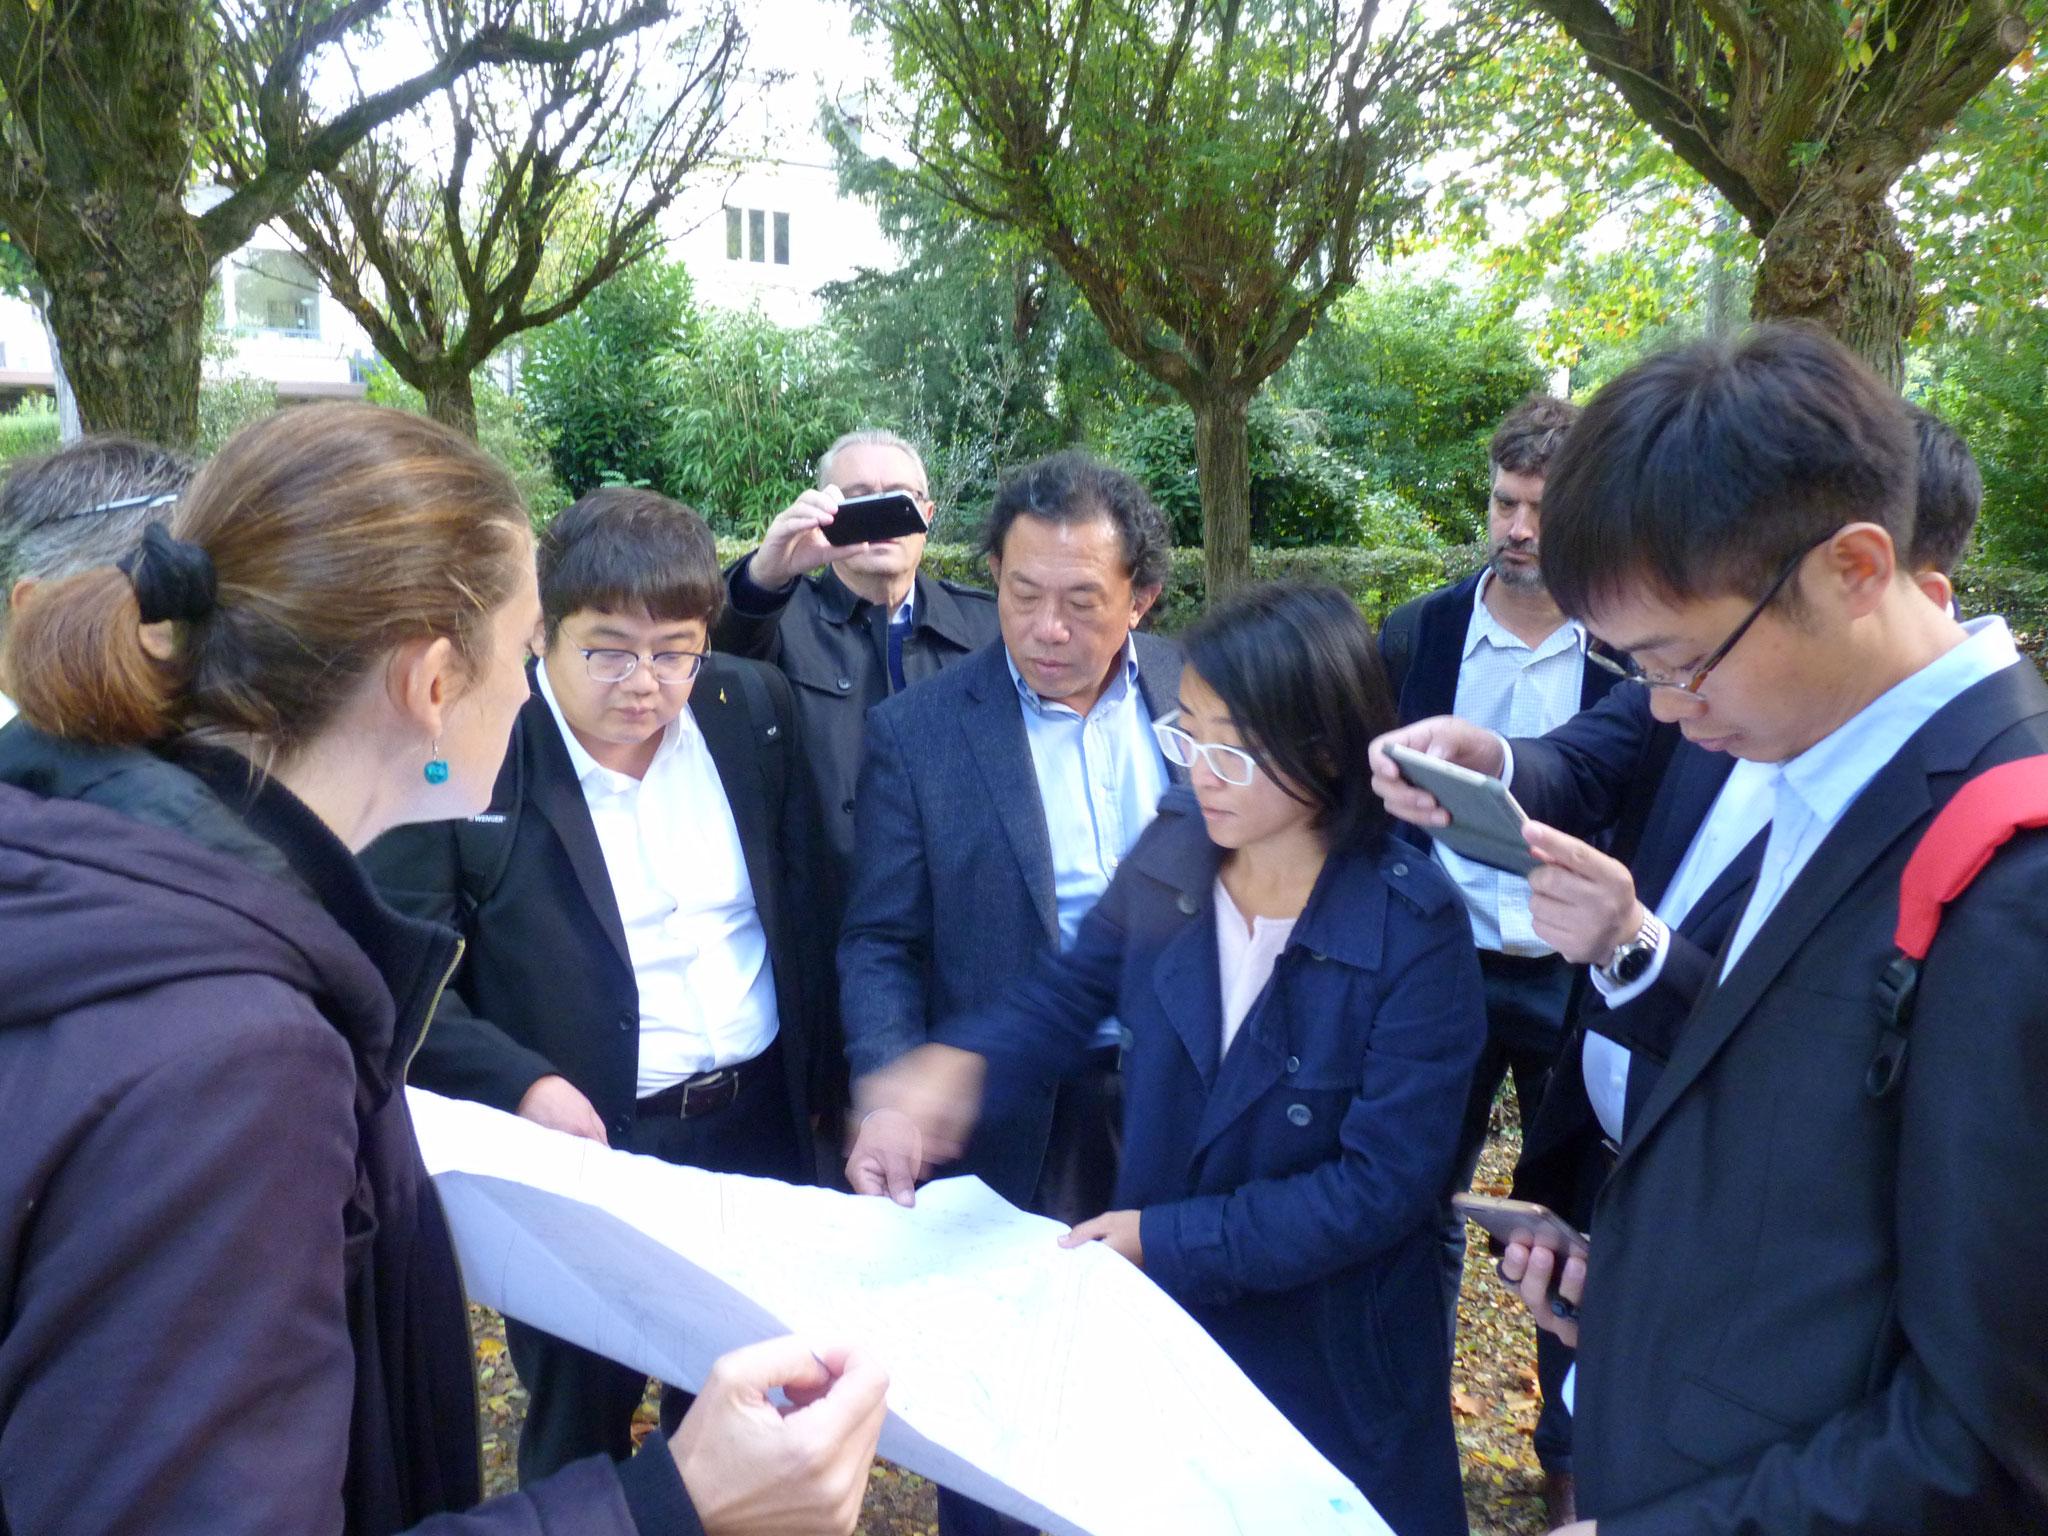 Délégation de paysagistes chinois à Rennes - le Jardin chinois à Rennes